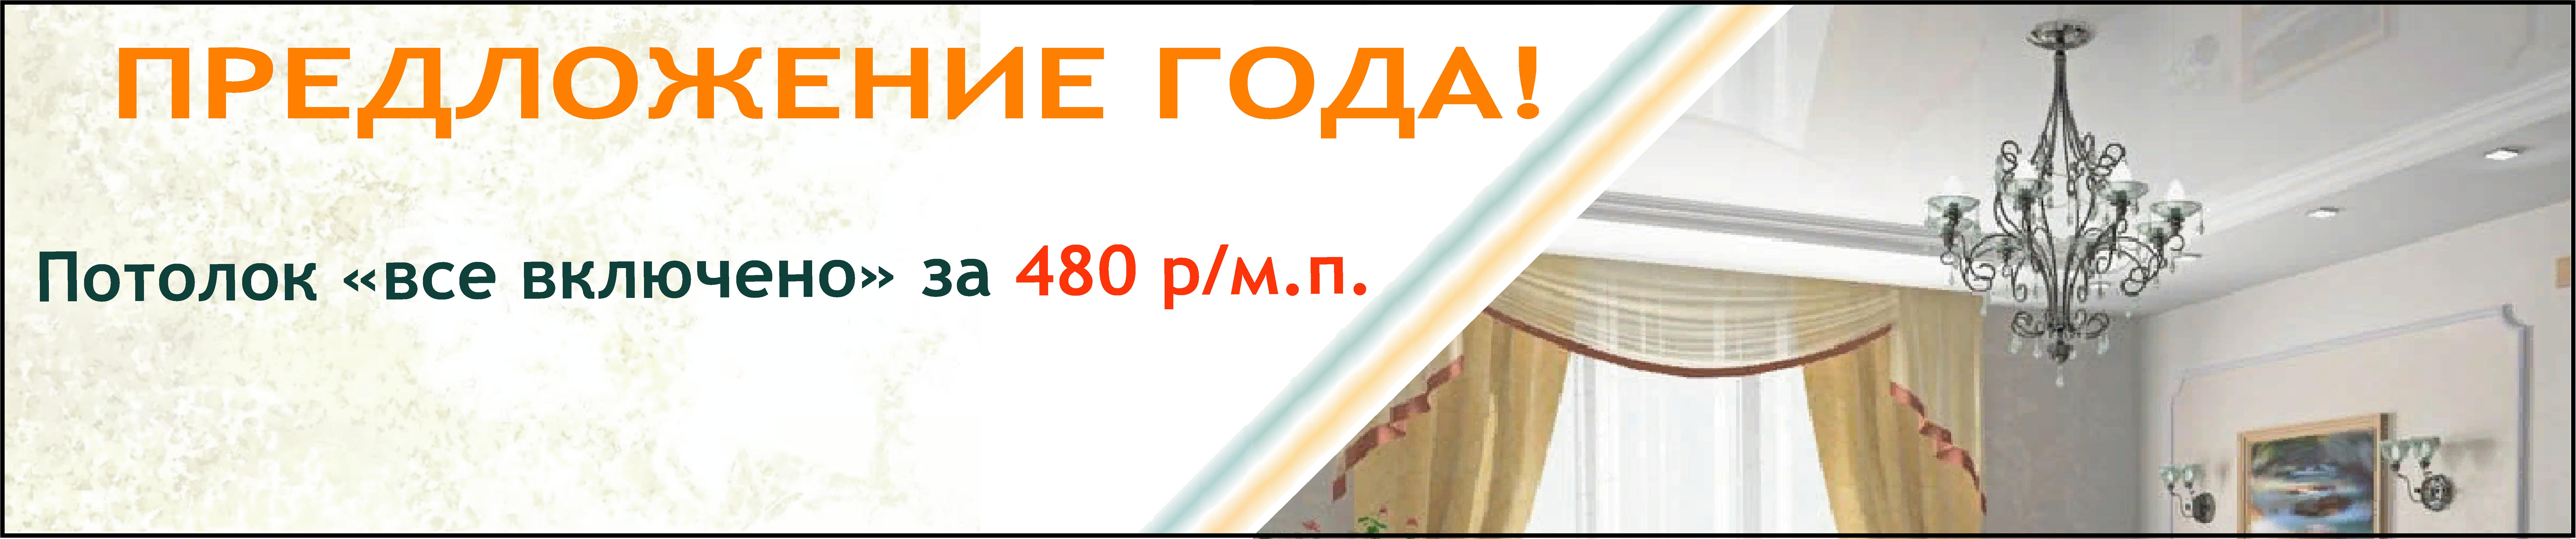 натяжной потолок под ключ за 480 р/м.п.